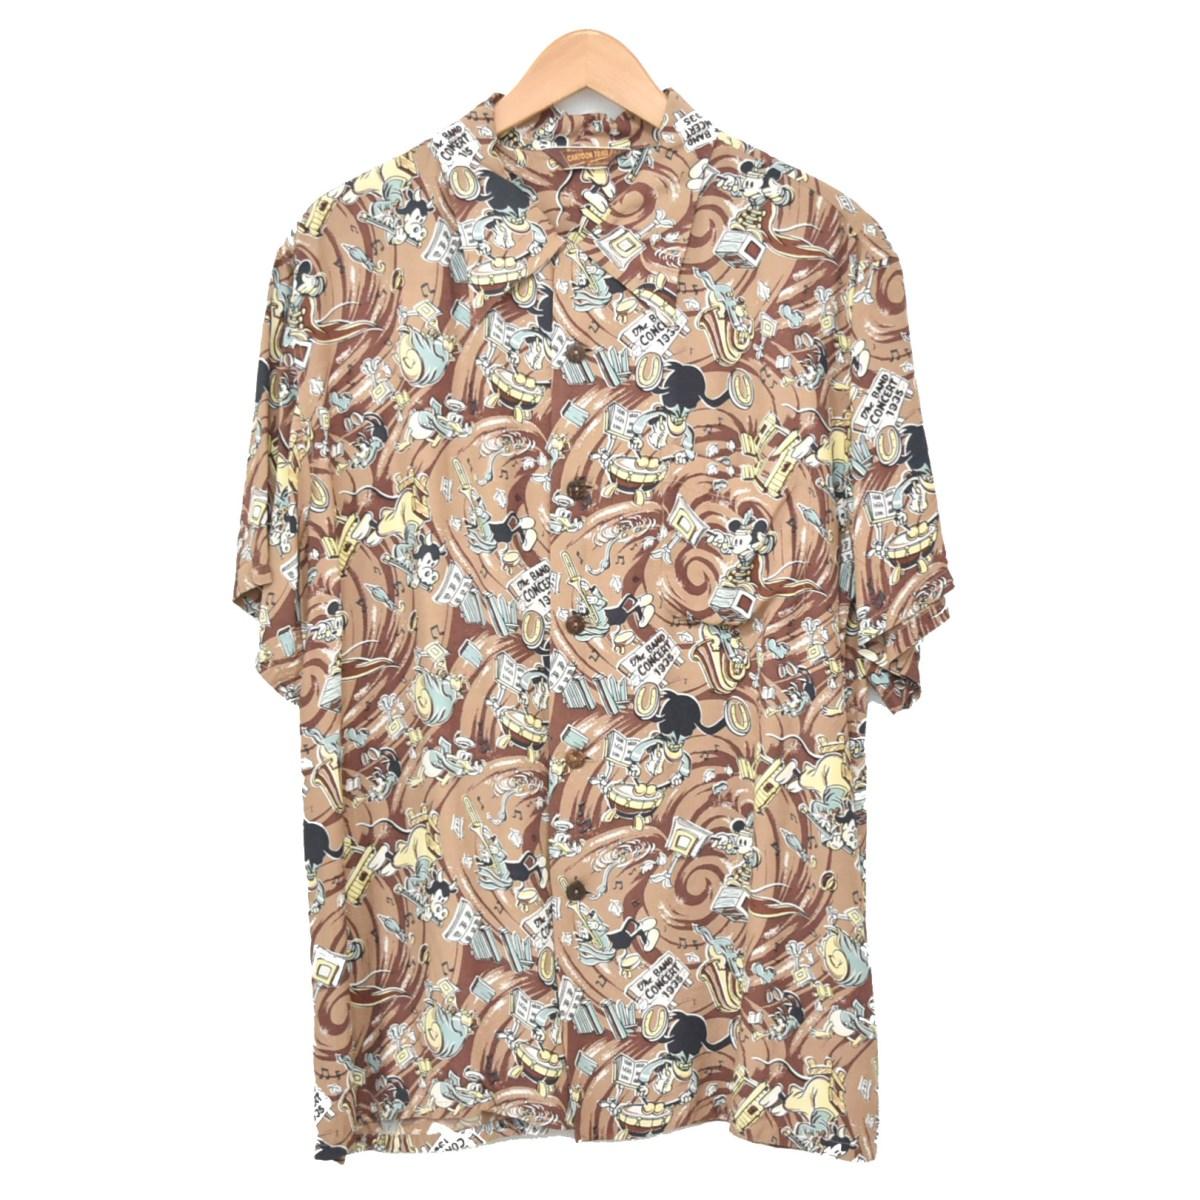 【中古】THE REAL McCOYS CARTOON TRAIL アロハシャツ ブラウン サイズ:L 【080520】(リアルマッコイズ)